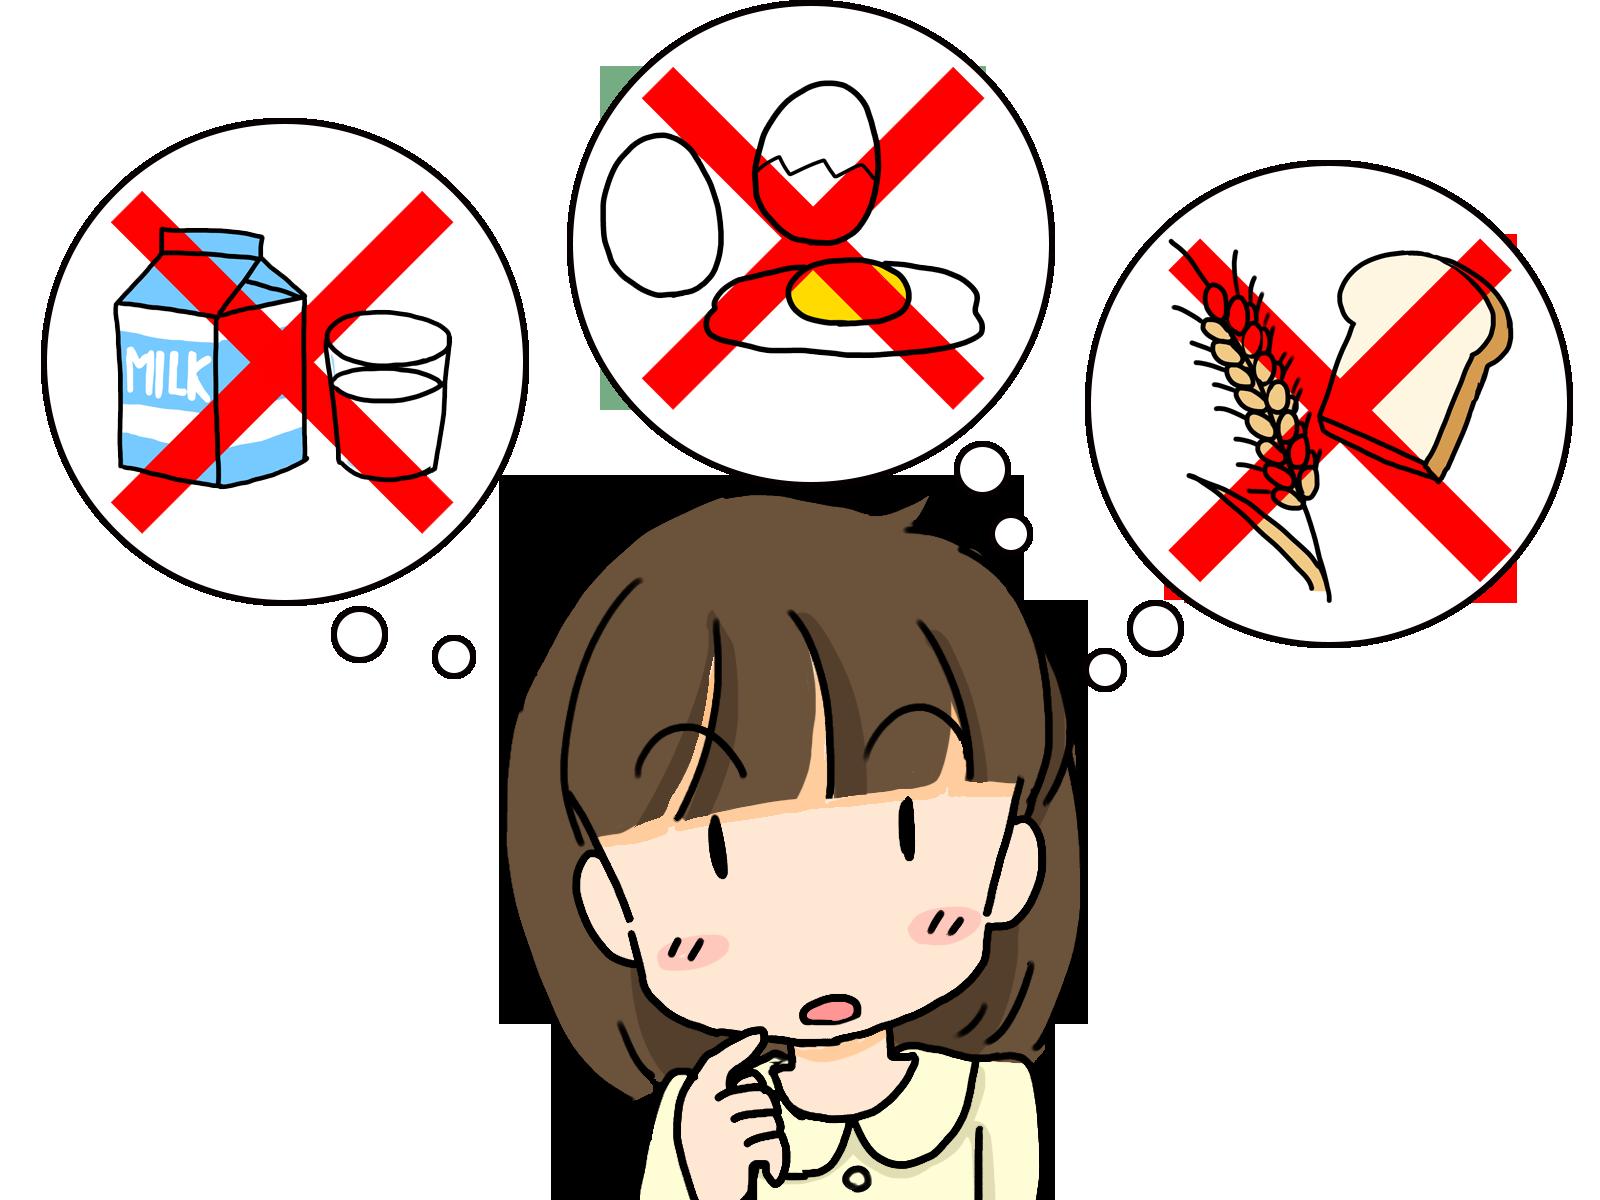 食物アレルギーに対する免疫療法のレビューの一部の紹介。